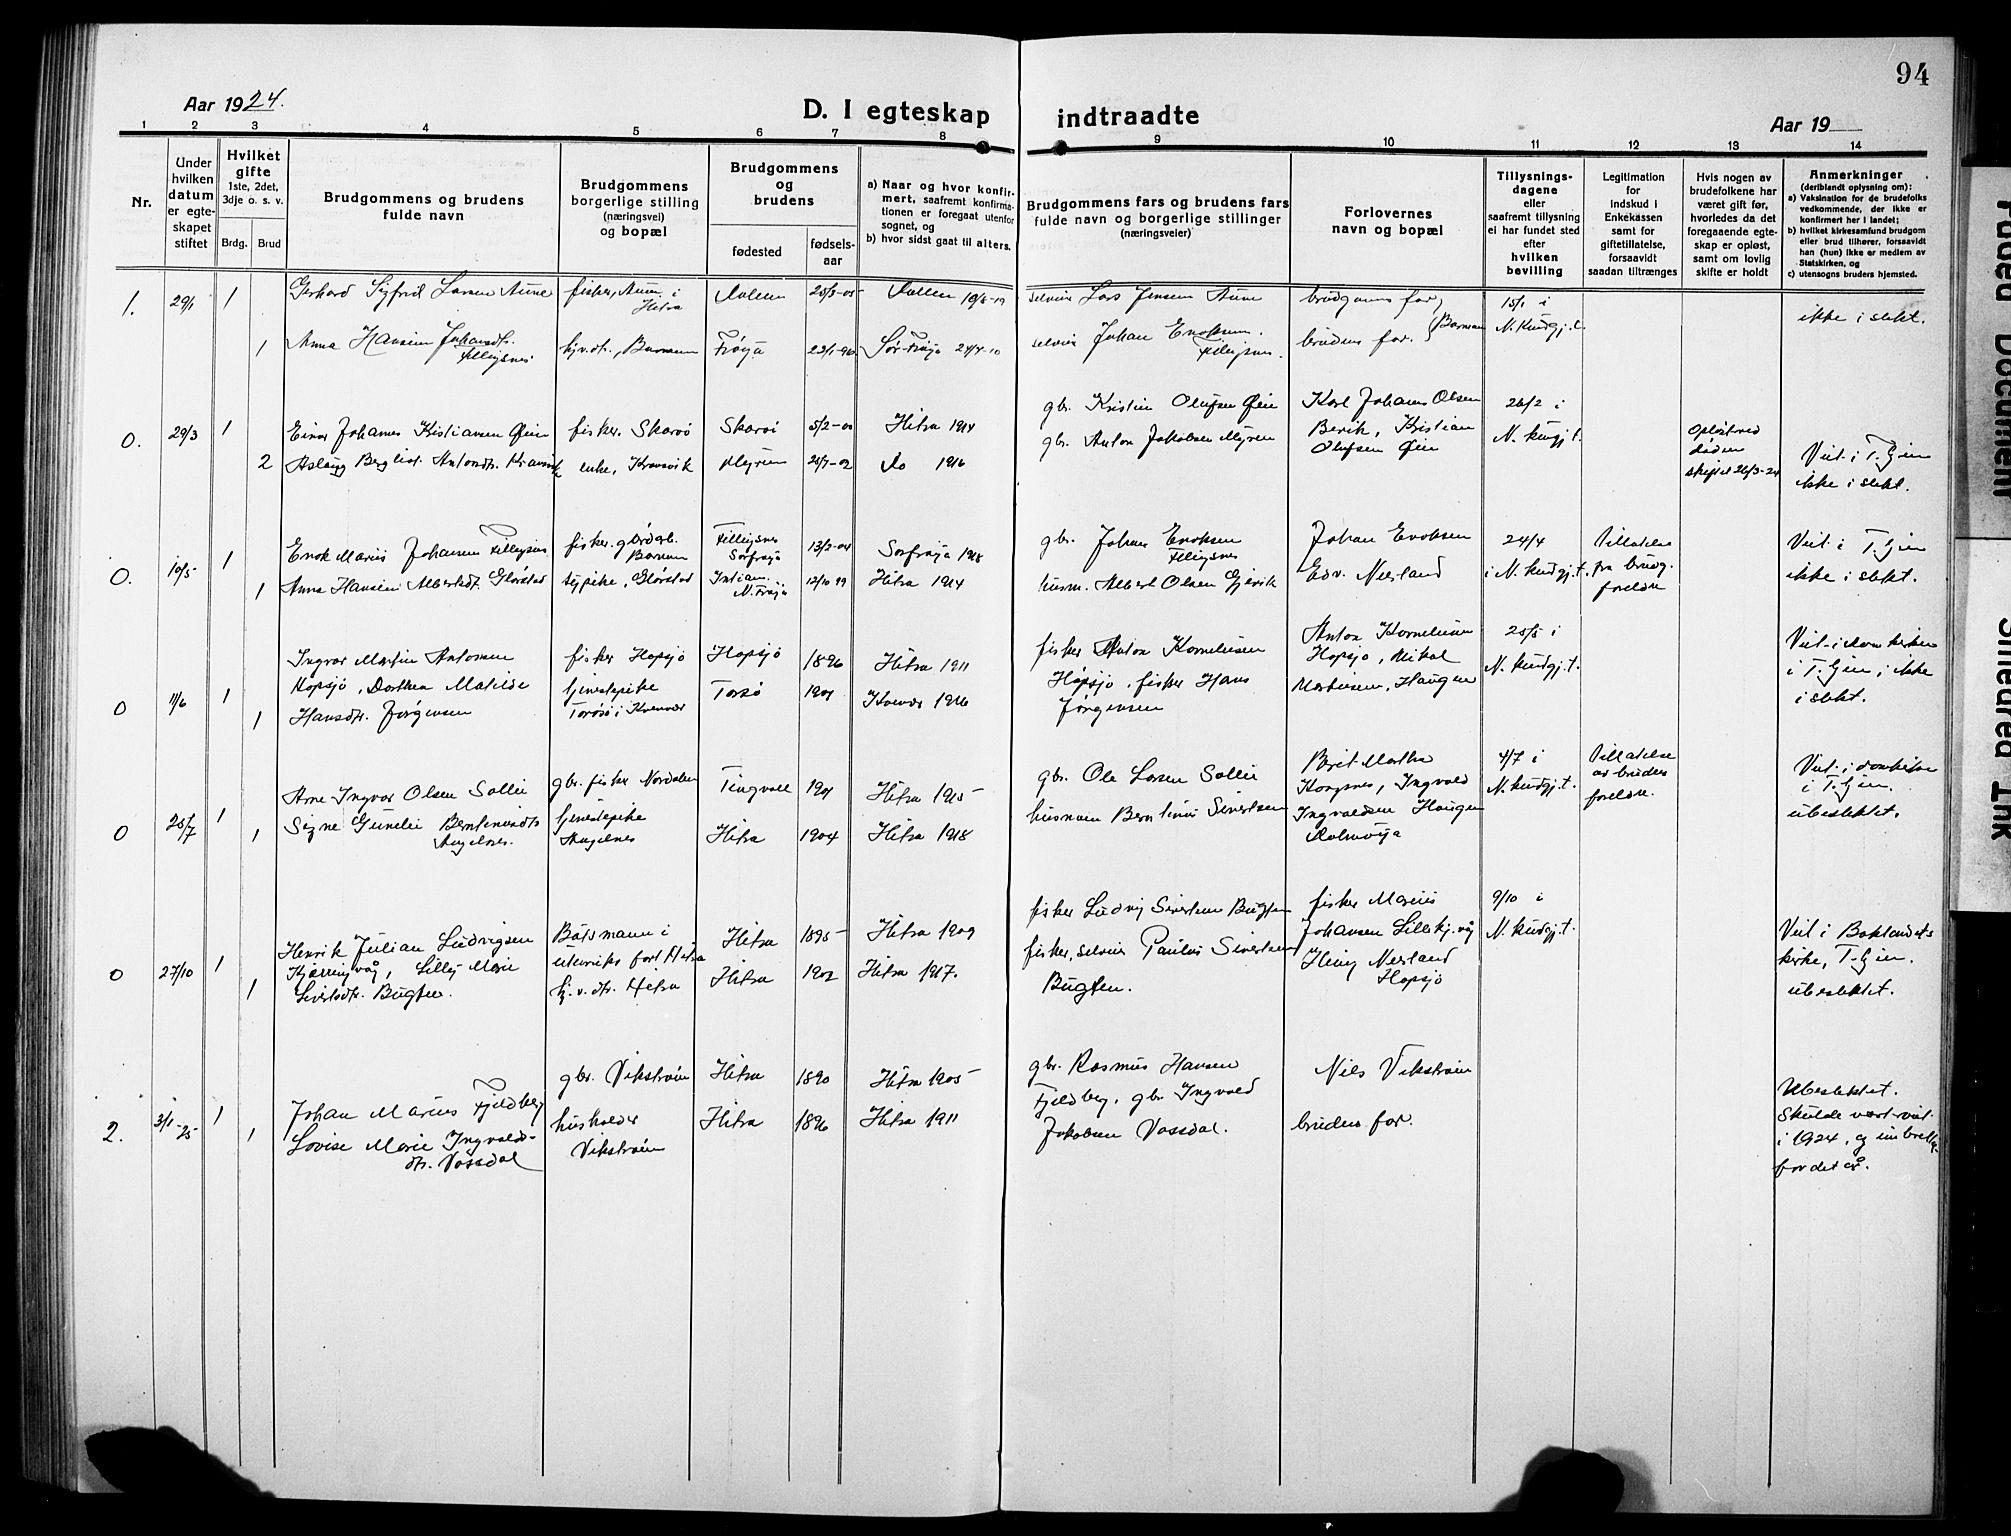 SAT, Ministerialprotokoller, klokkerbøker og fødselsregistre - Sør-Trøndelag, 634/L0543: Klokkerbok nr. 634C05, 1917-1928, s. 94